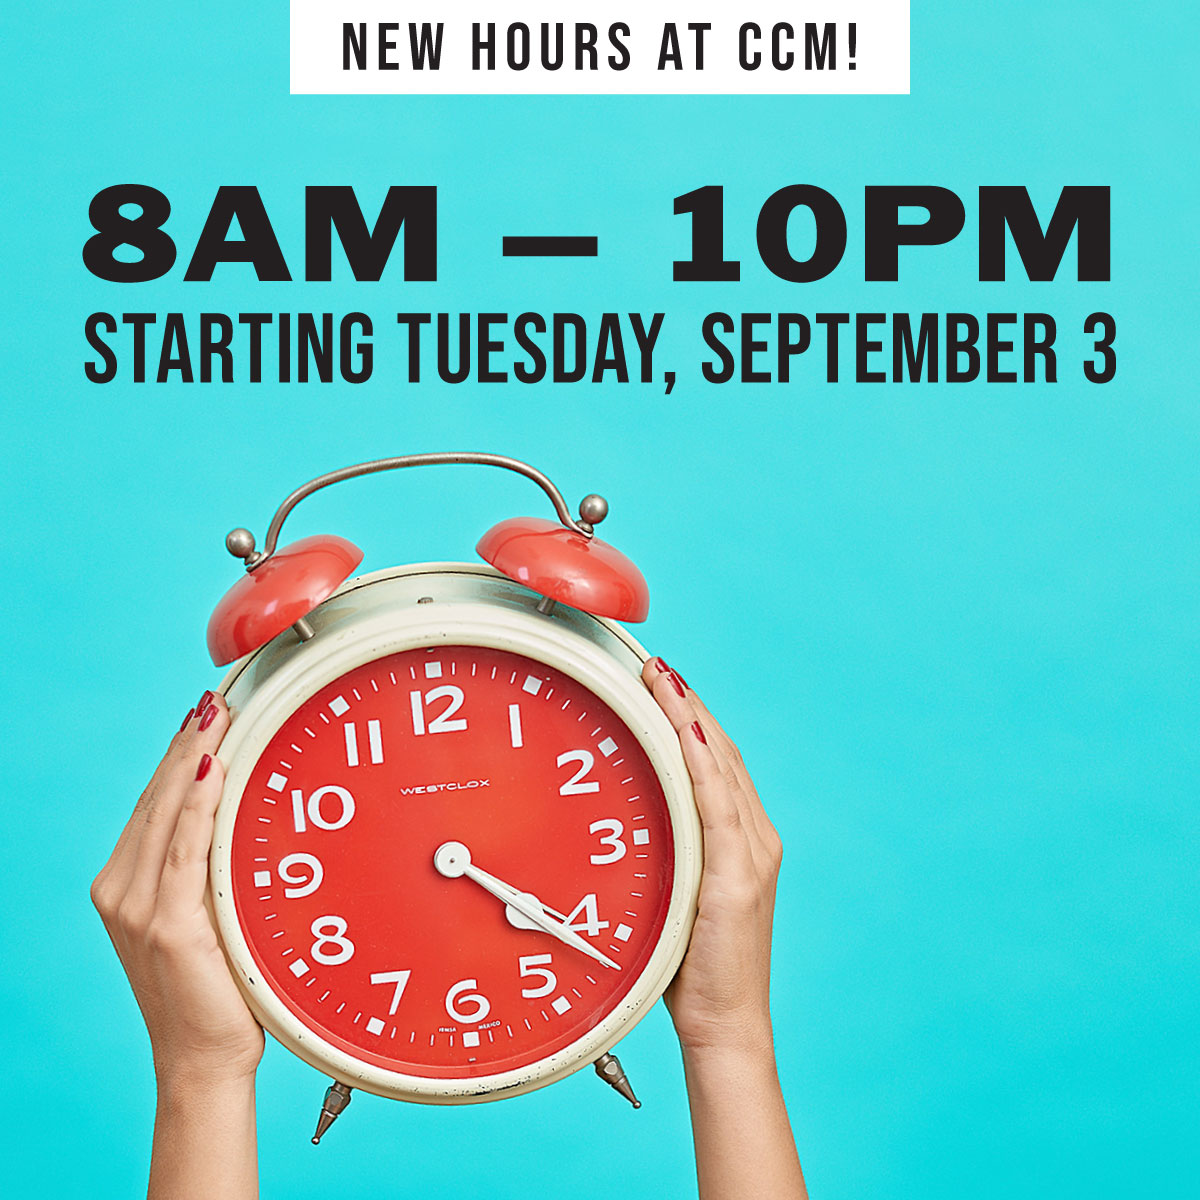 CCM-new-hours.jpg